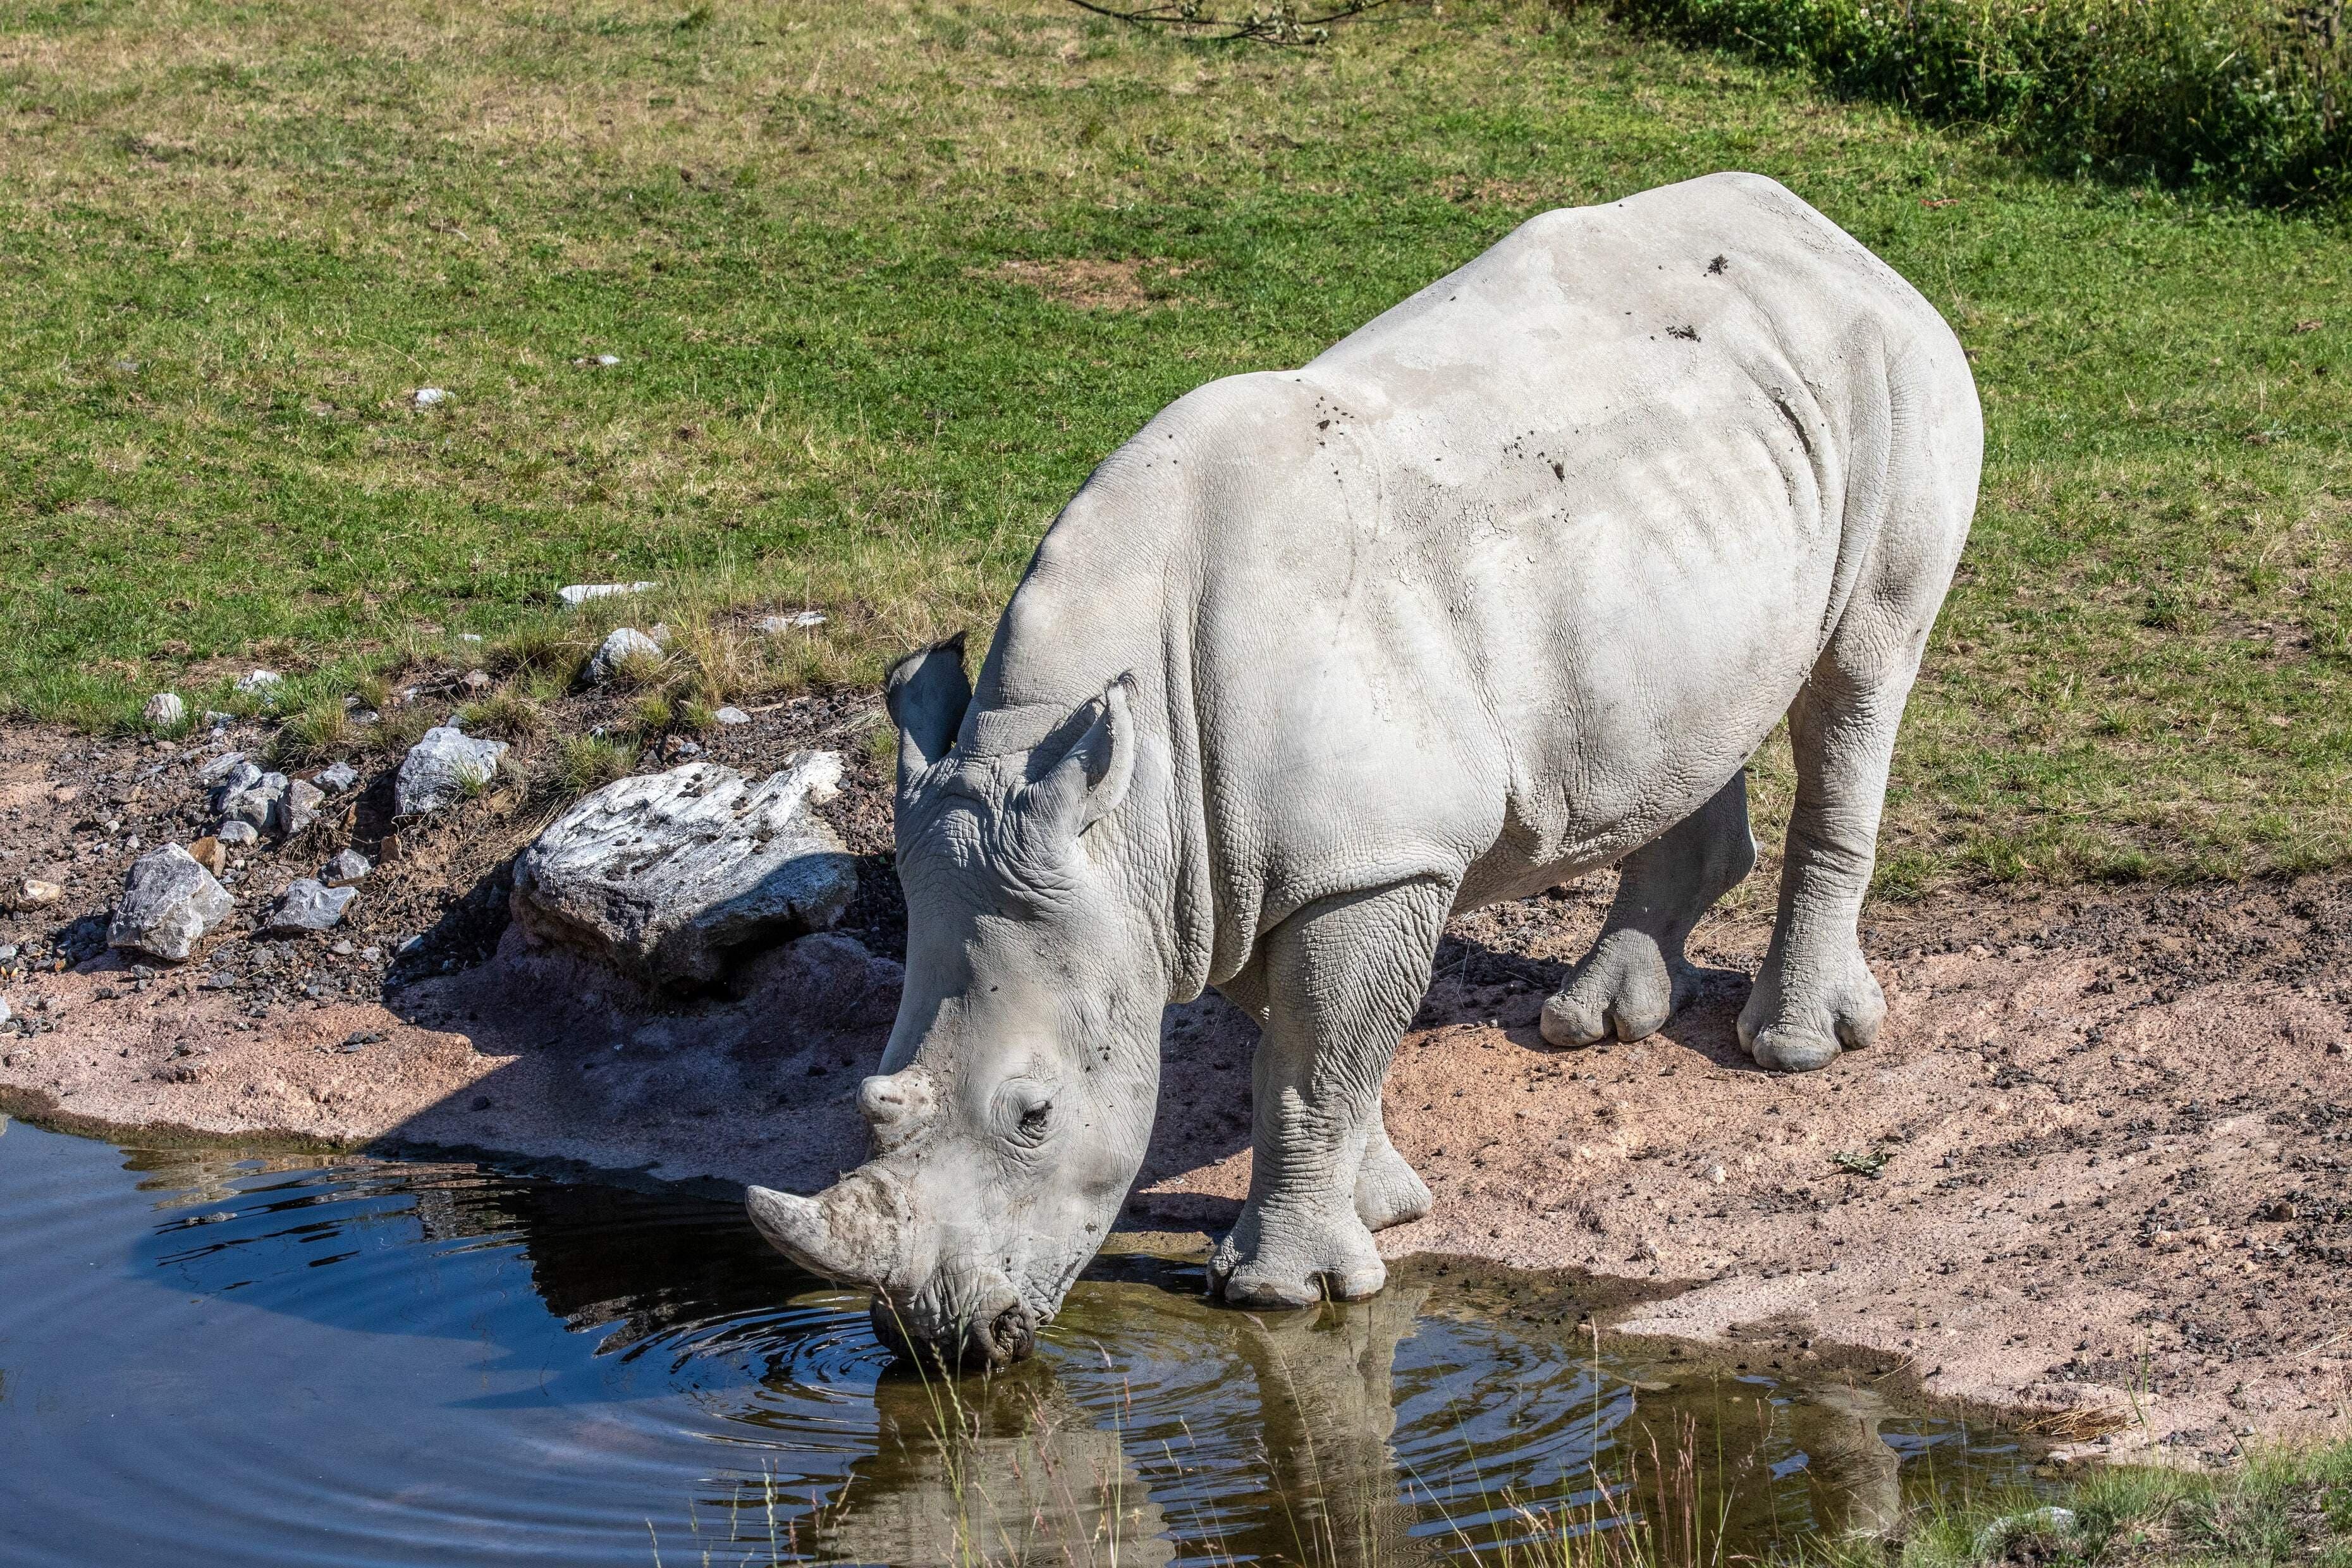 Rami gehört zu der Rasse der Breitmaulnashörner. Seit 2019 lebt er in der Lewa-Savanne im Zoo Zürich.